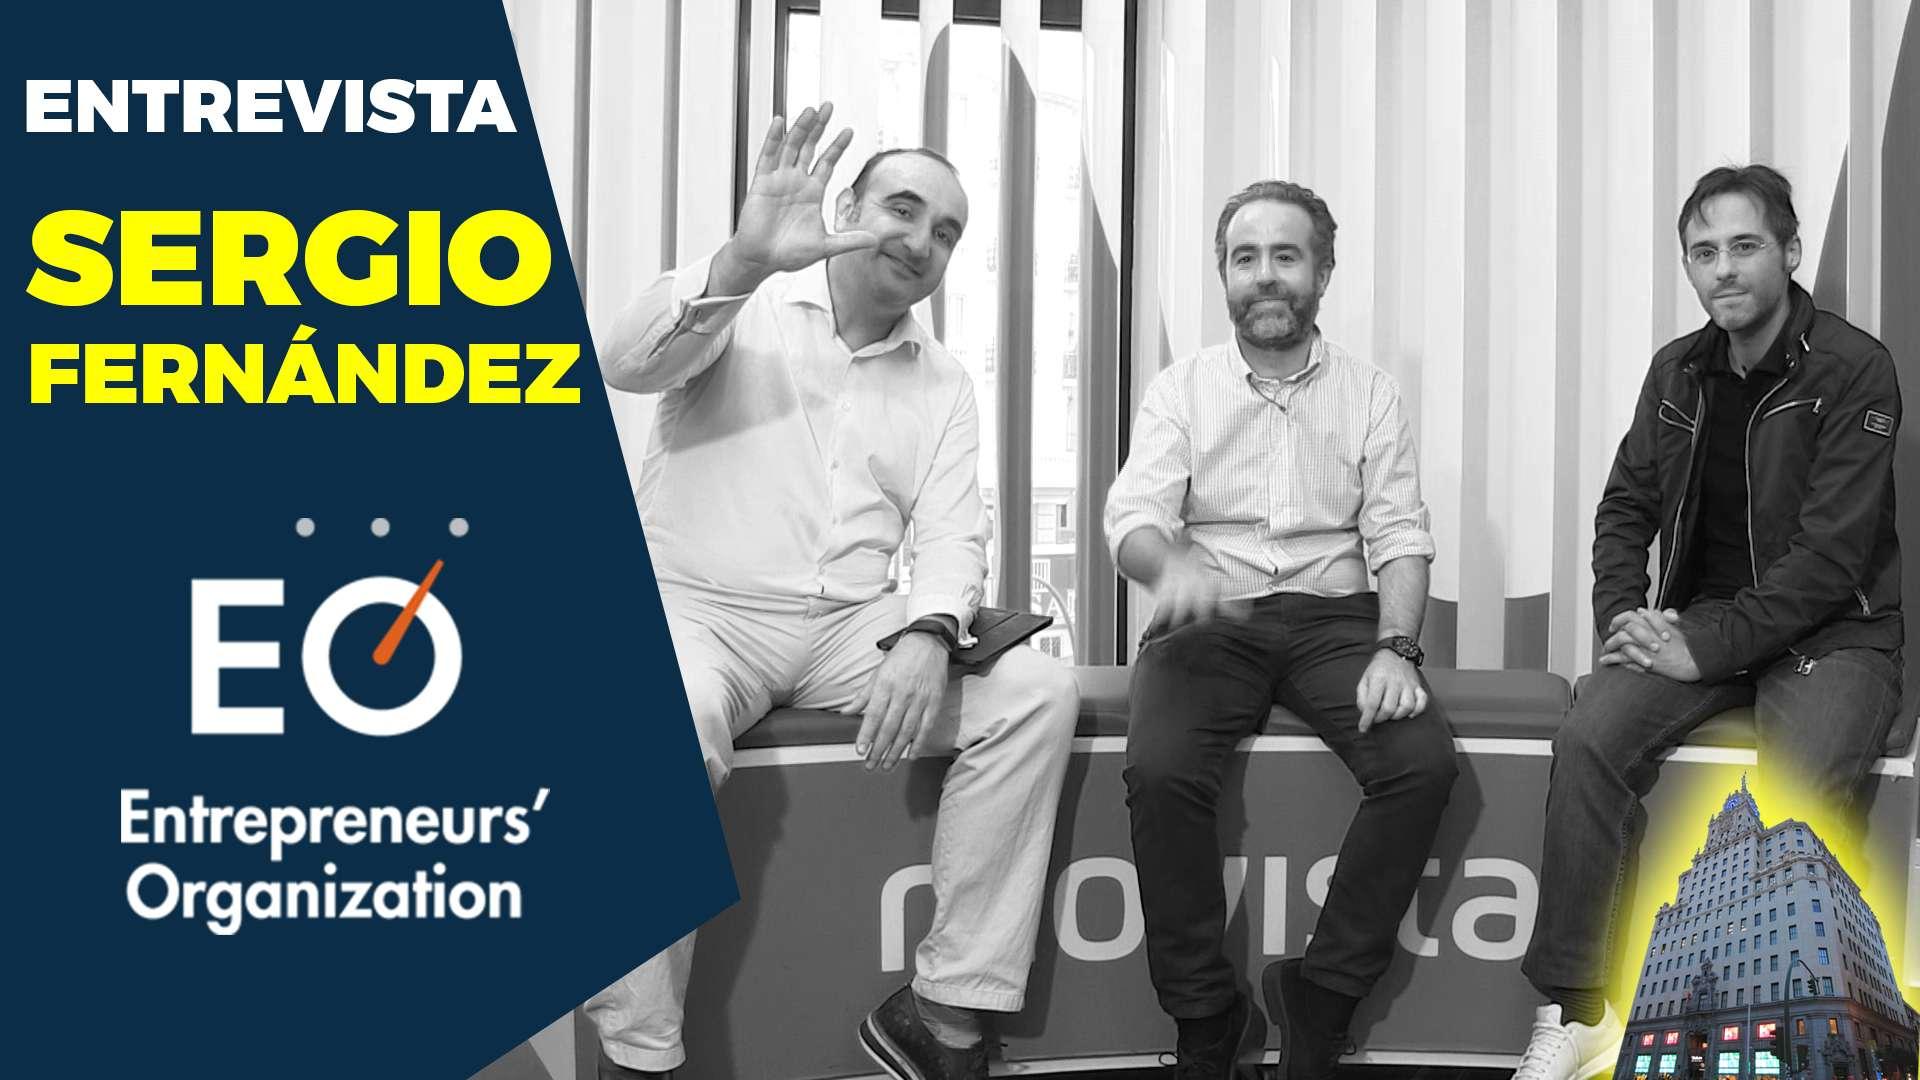 Entrevista a Sergio Fernández sobre Mentoría para Emprendedores con EO – Entrepreneurs' Organization